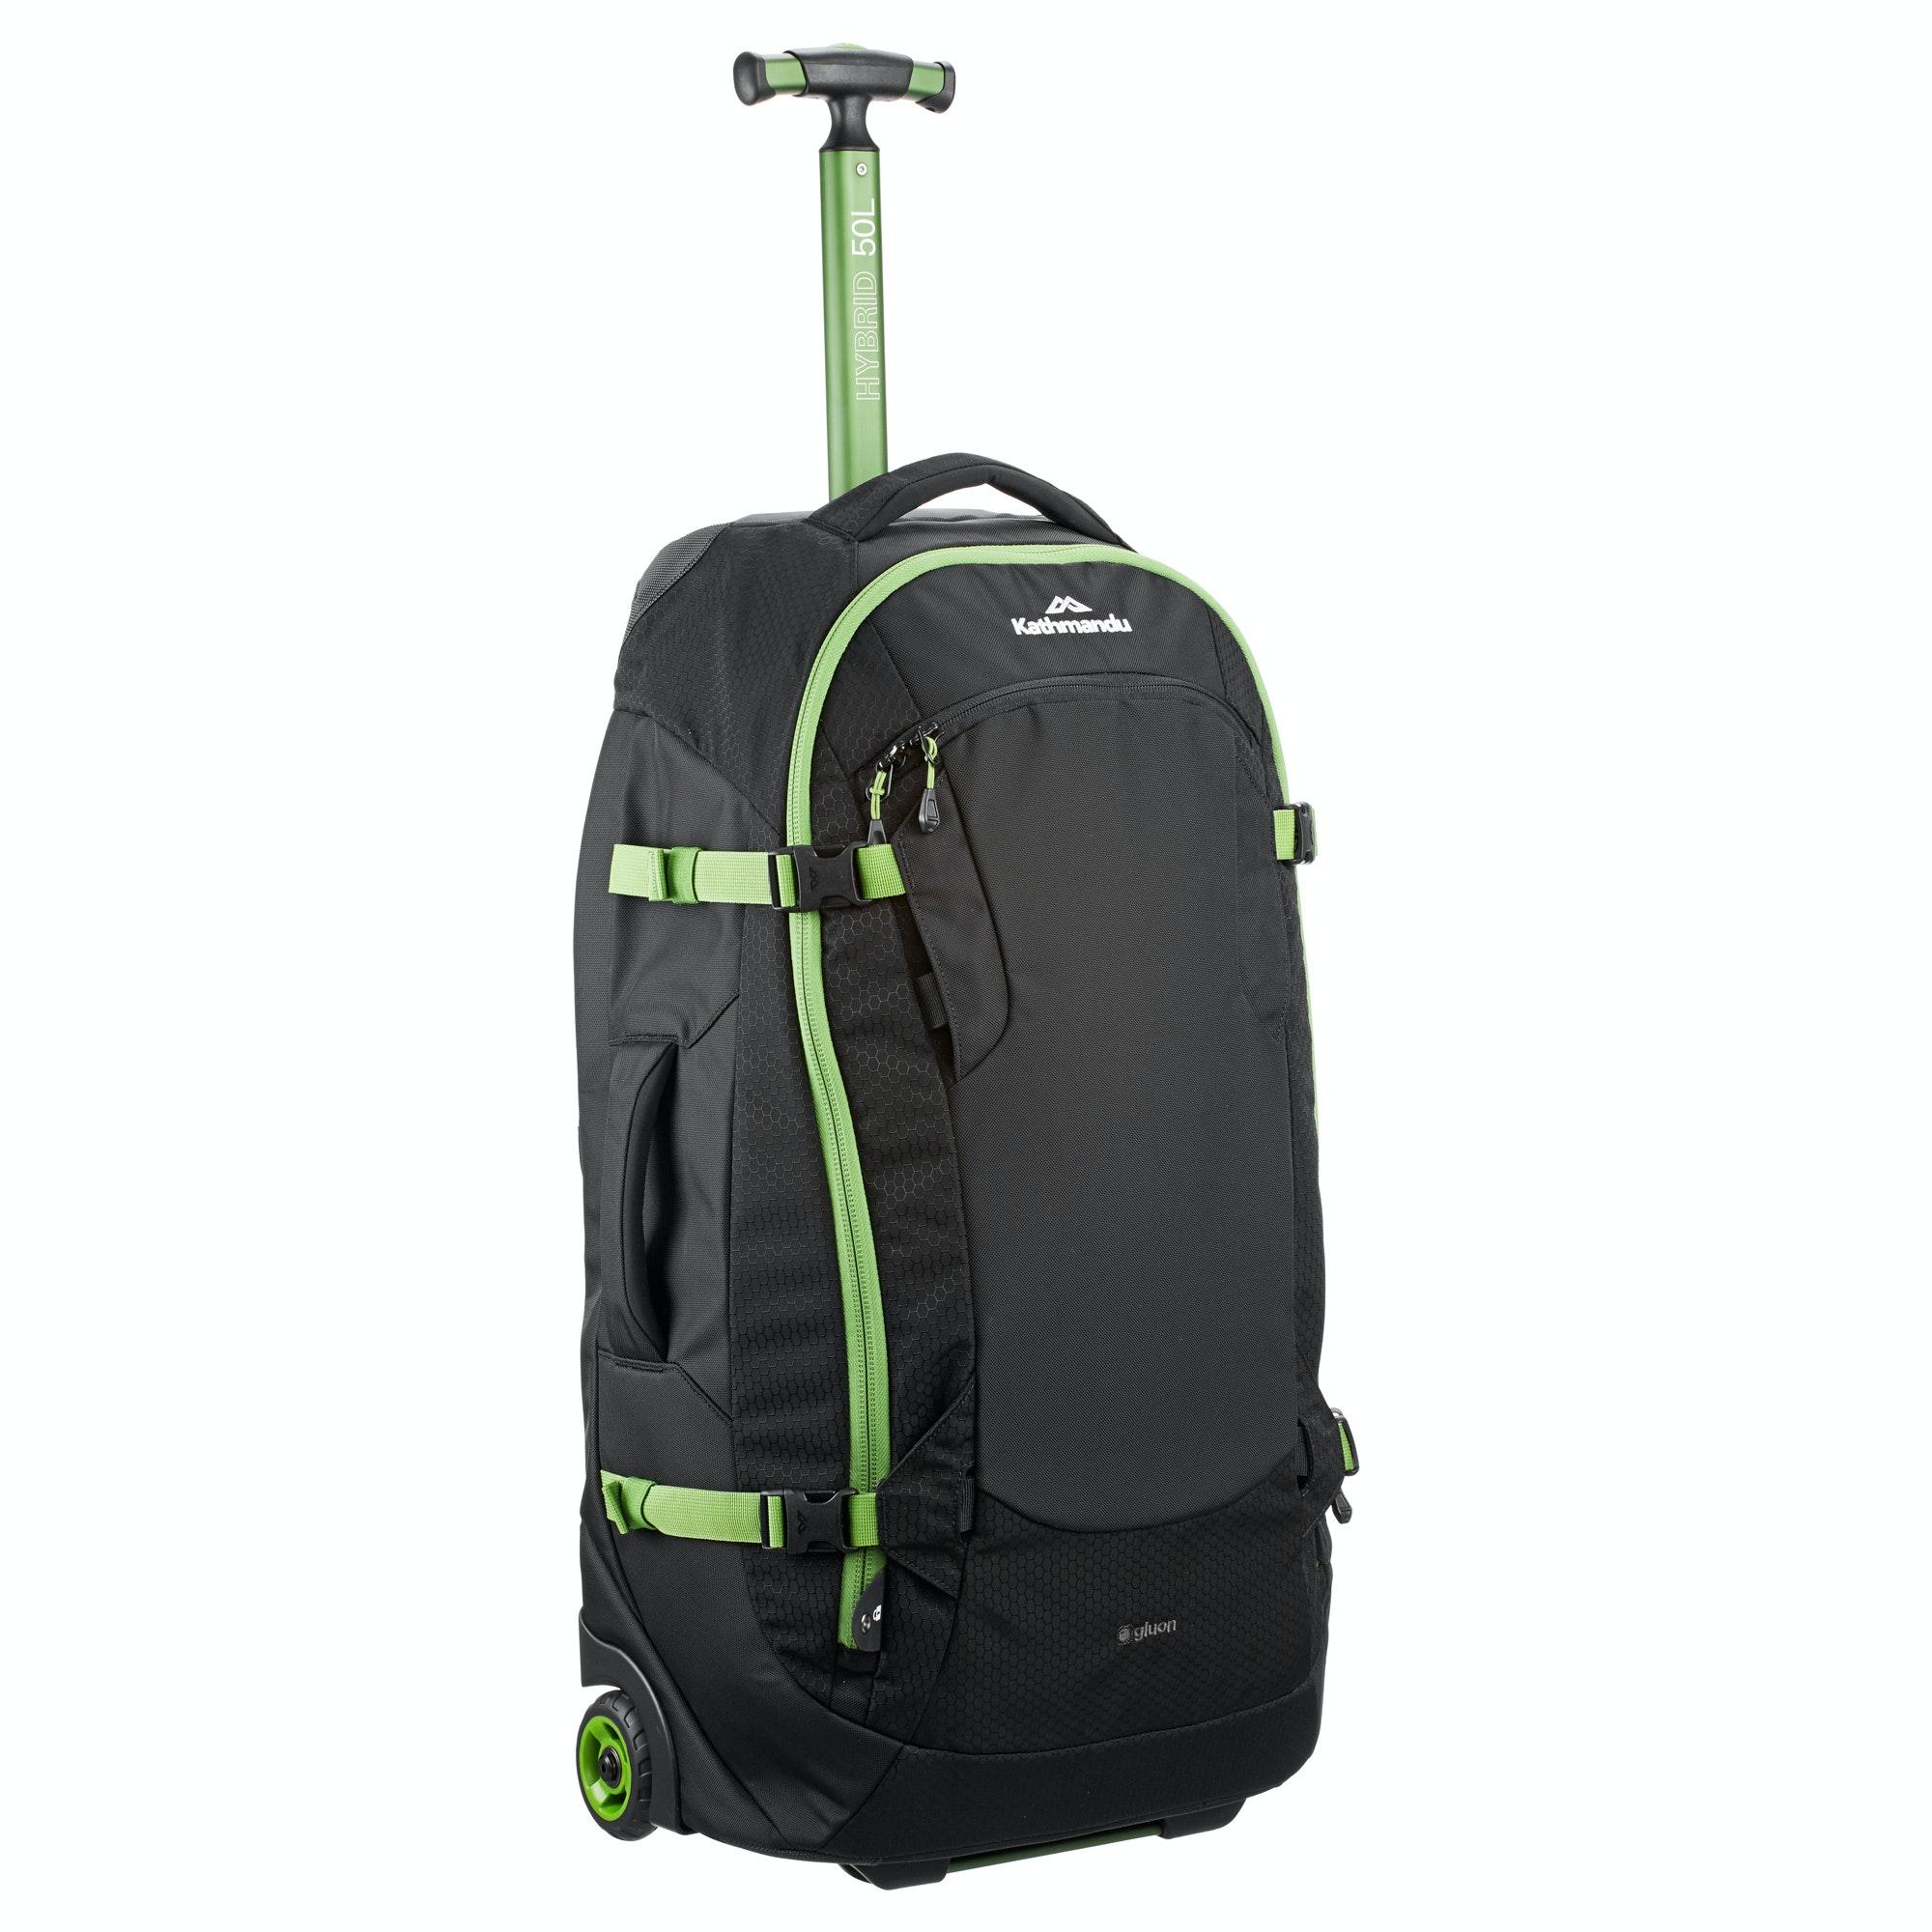 9b5a2b67d Kathmandu Hybrid 50L Backpack Harness Wheeled Travel Luggage Trolley Bag v3  NEW